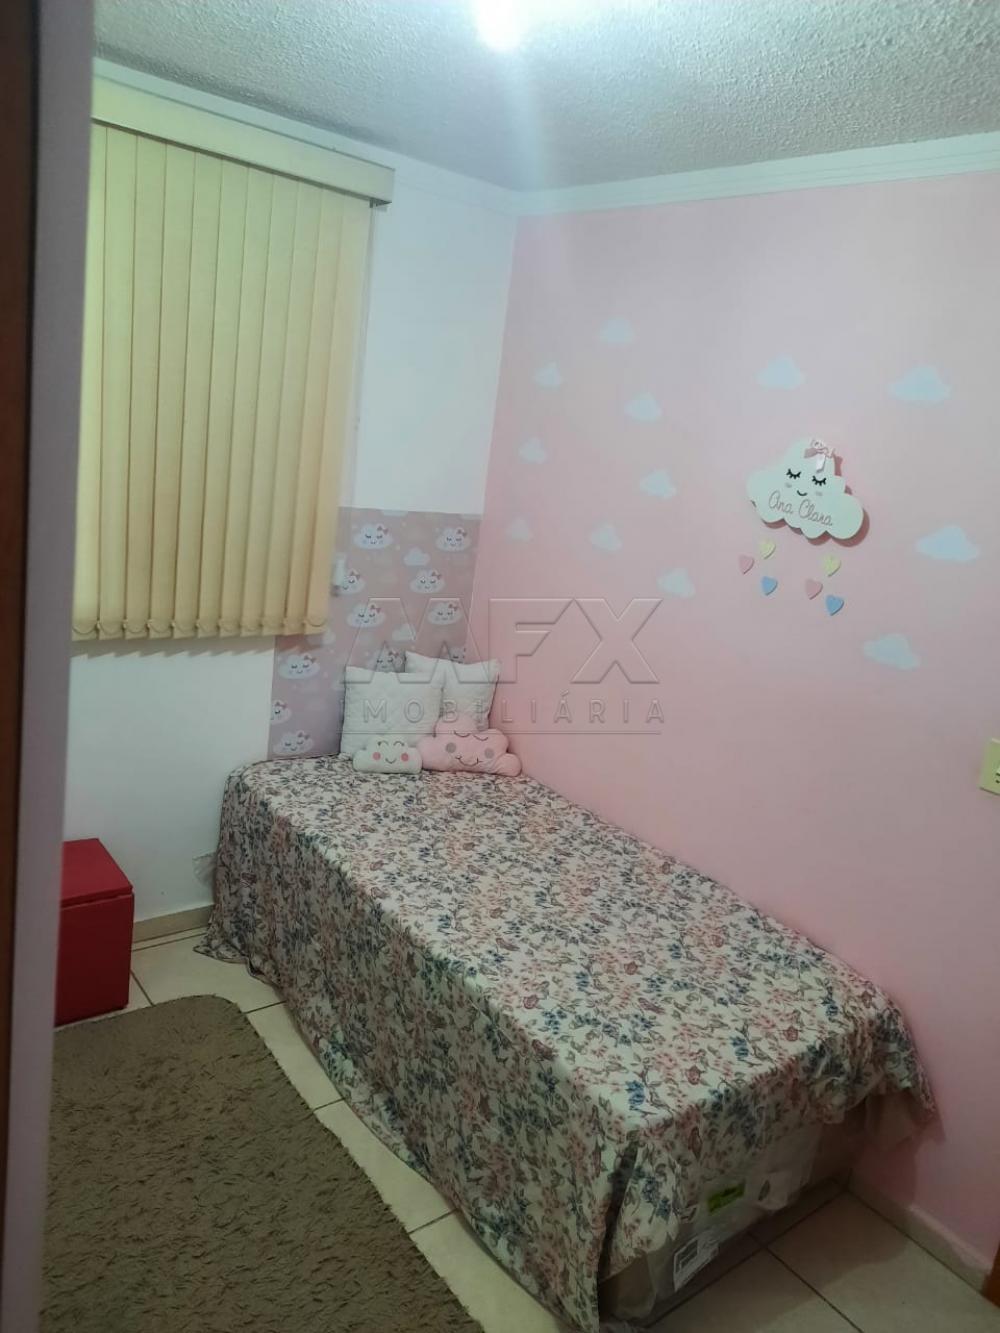 Comprar Apartamento / Padrão em Bauru R$ 180.000,00 - Foto 5